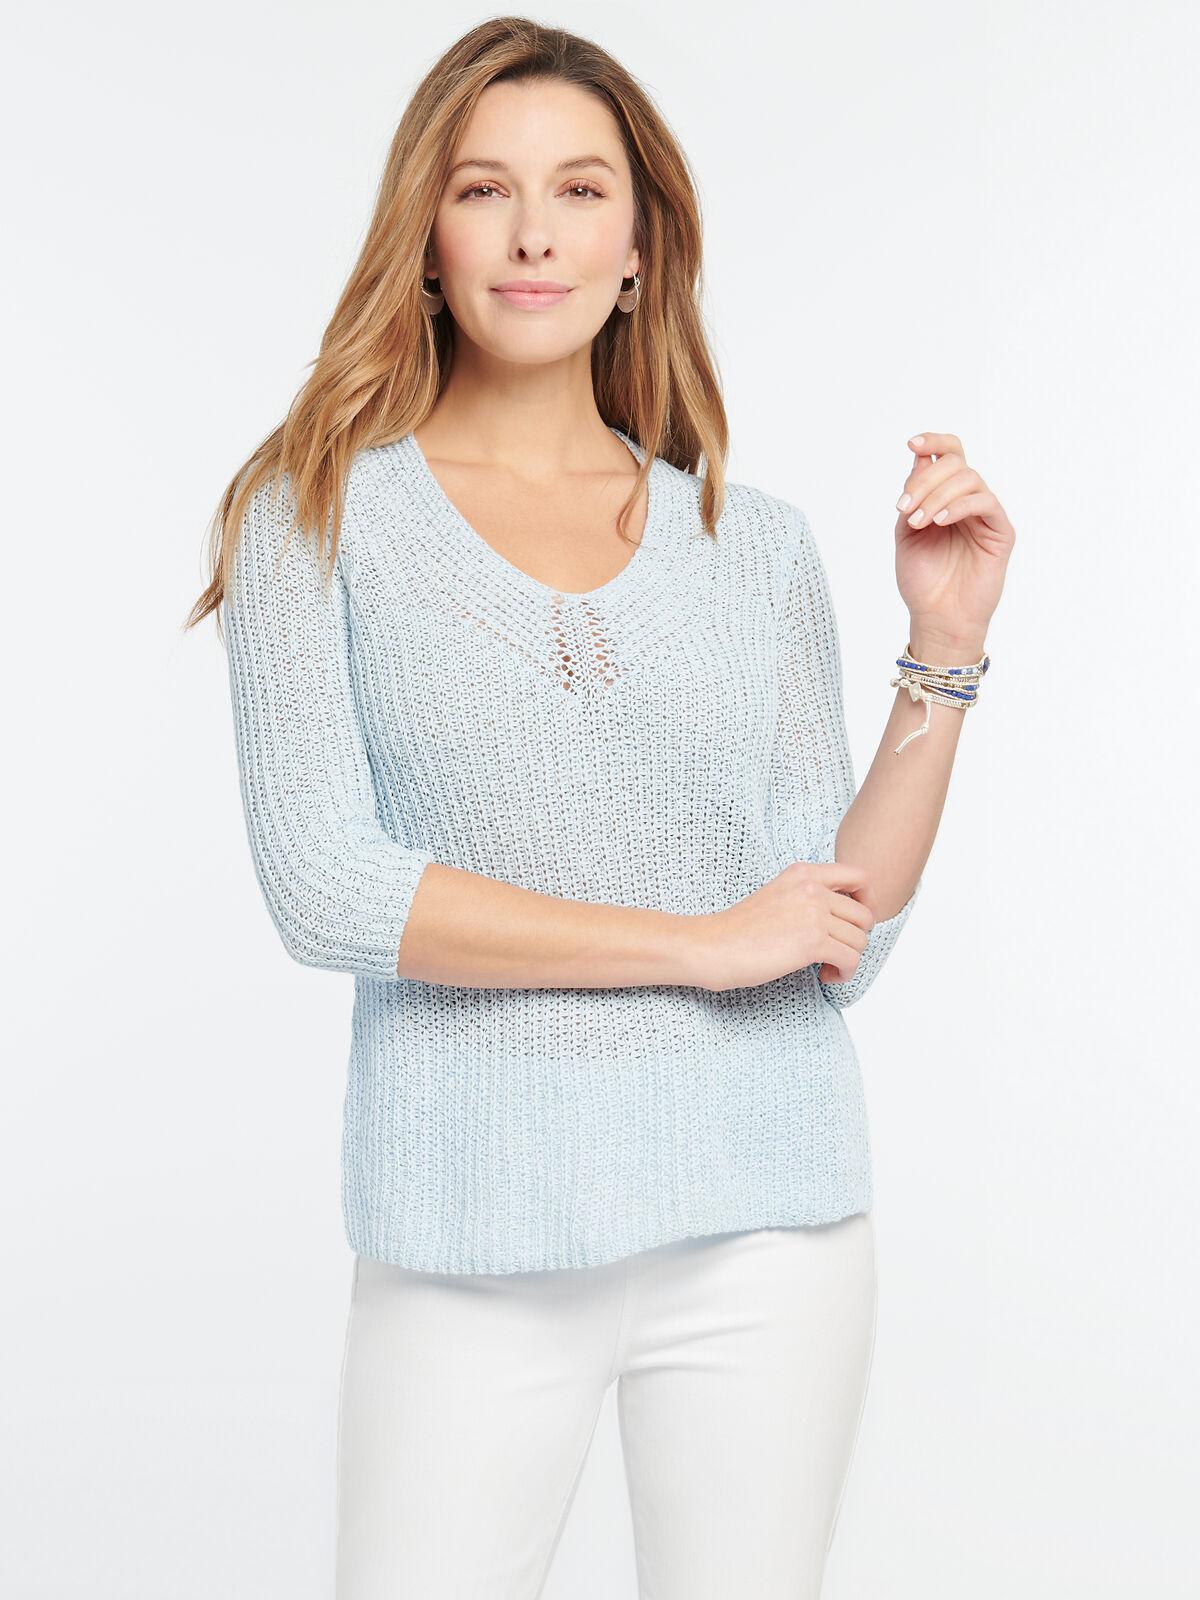 Magnolia Sweater